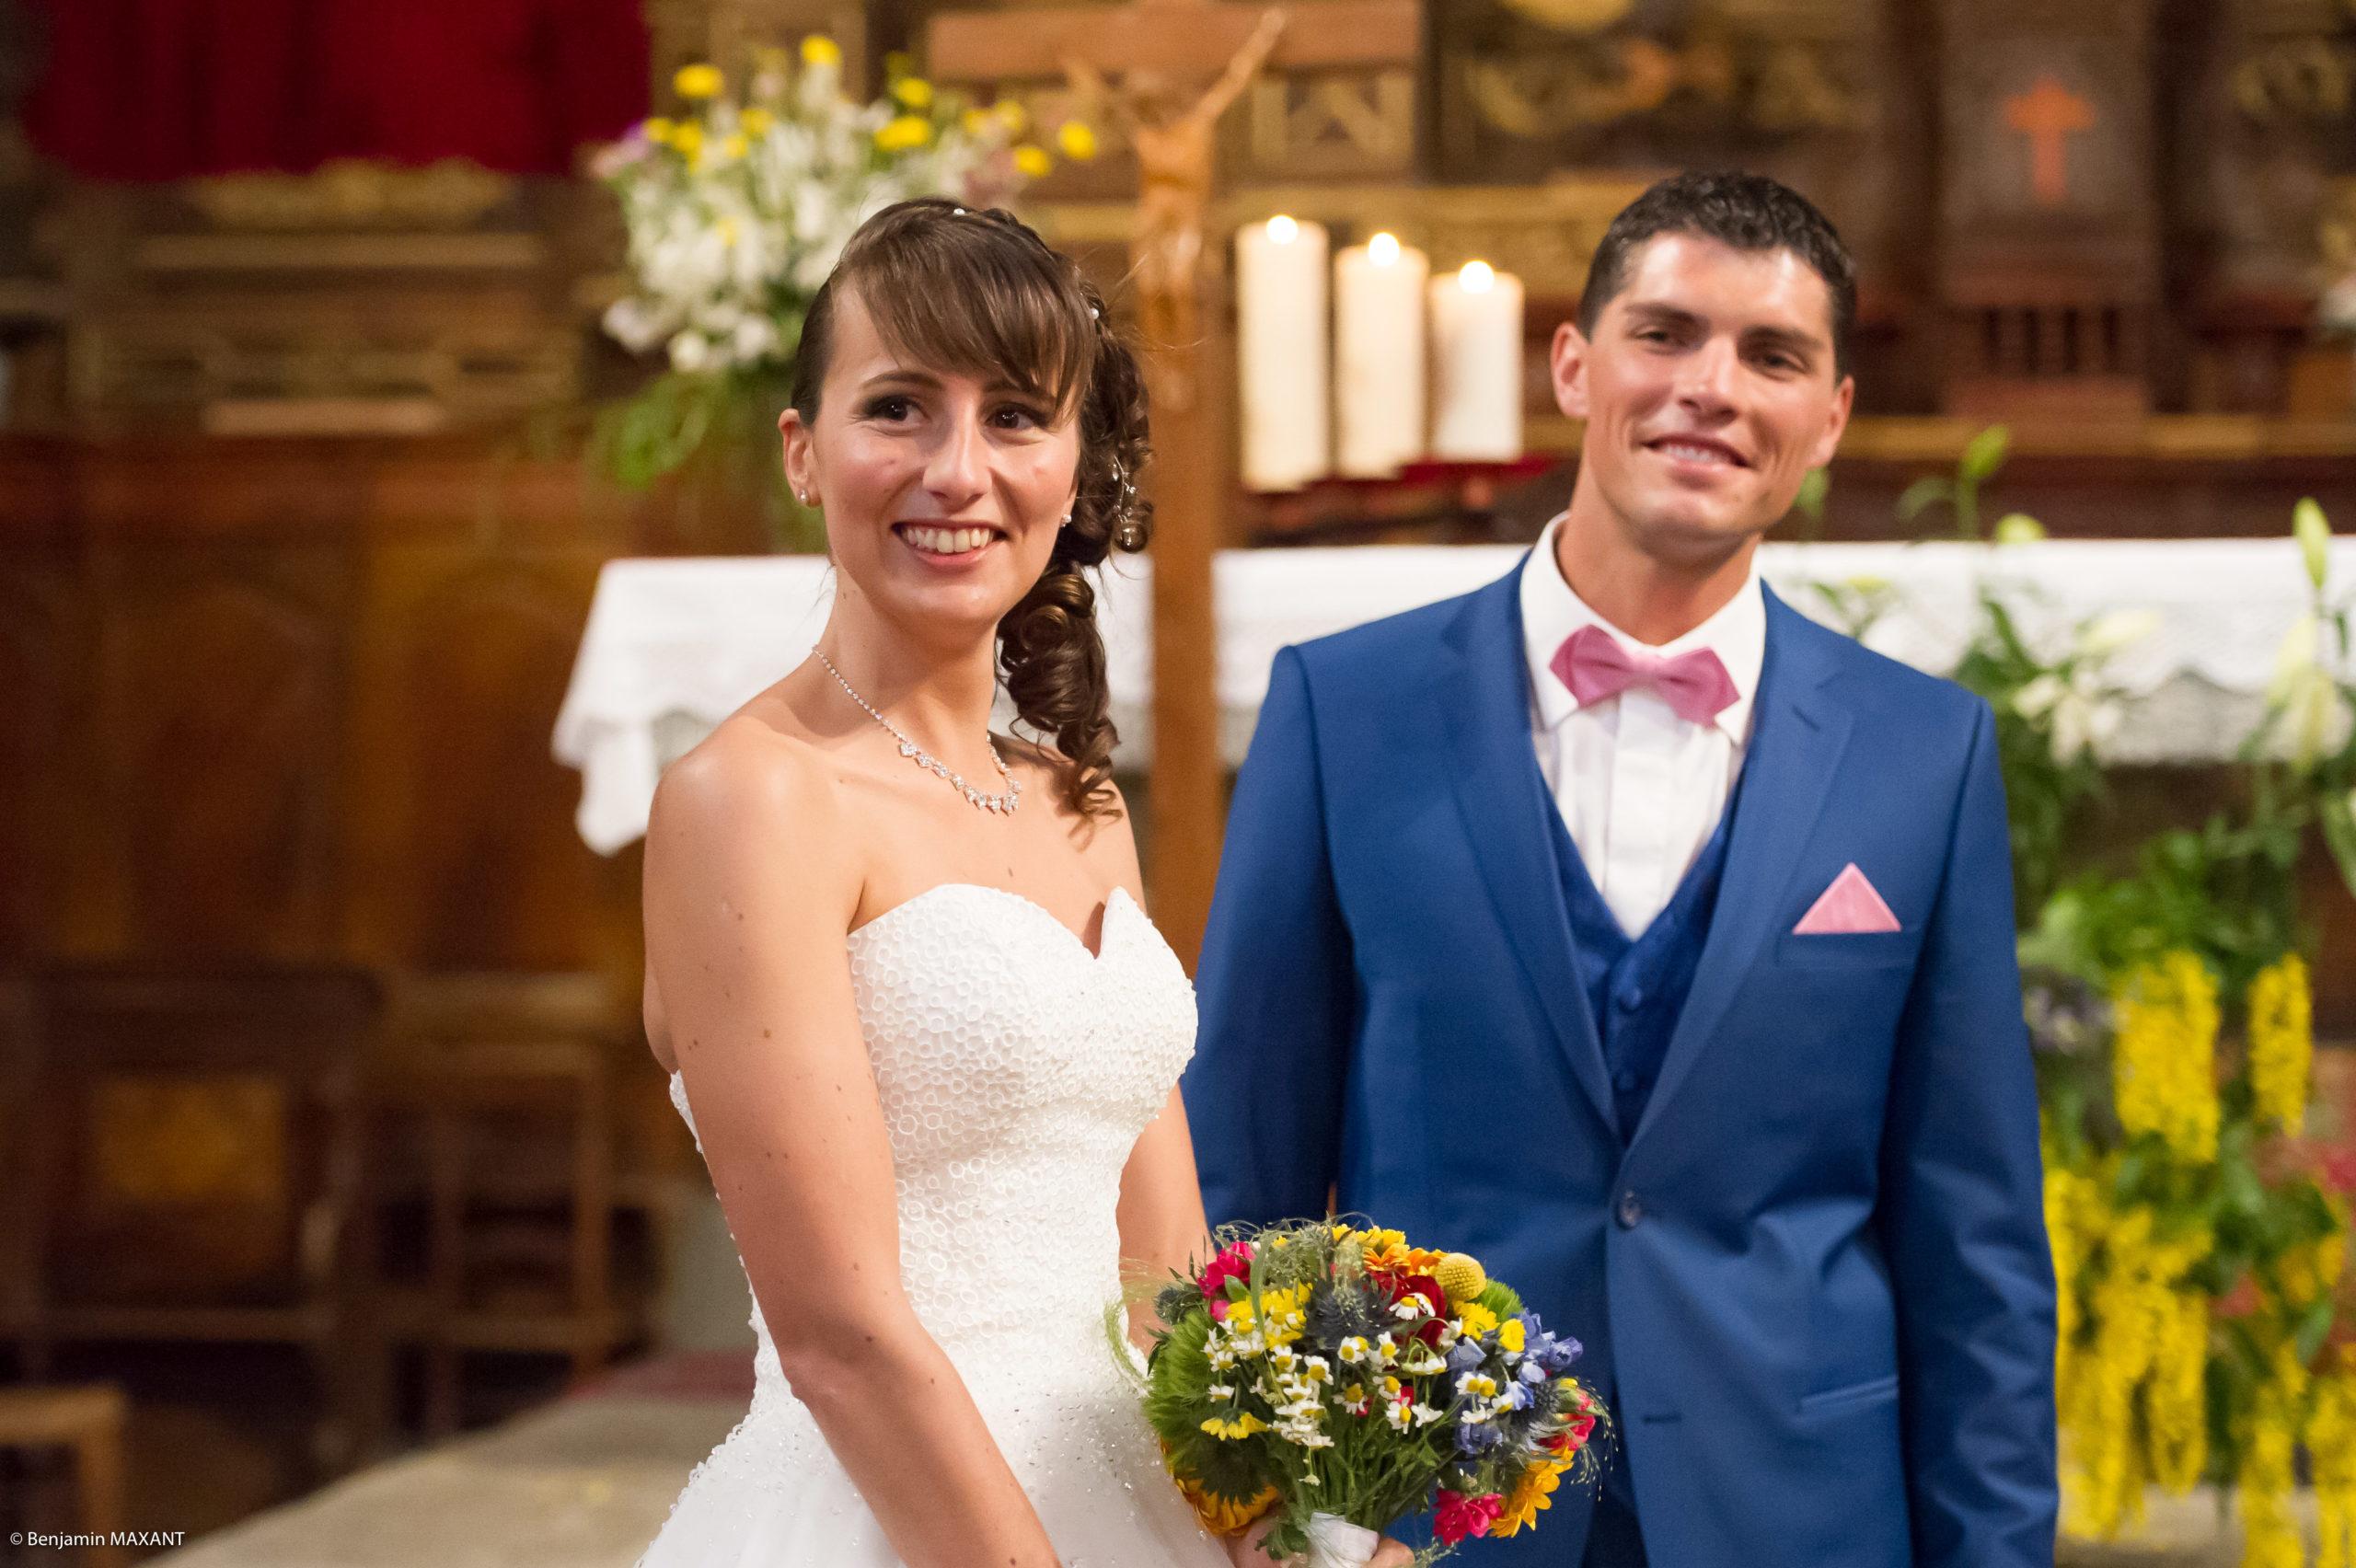 Bonheuyr et sourire des mariés dans l'église